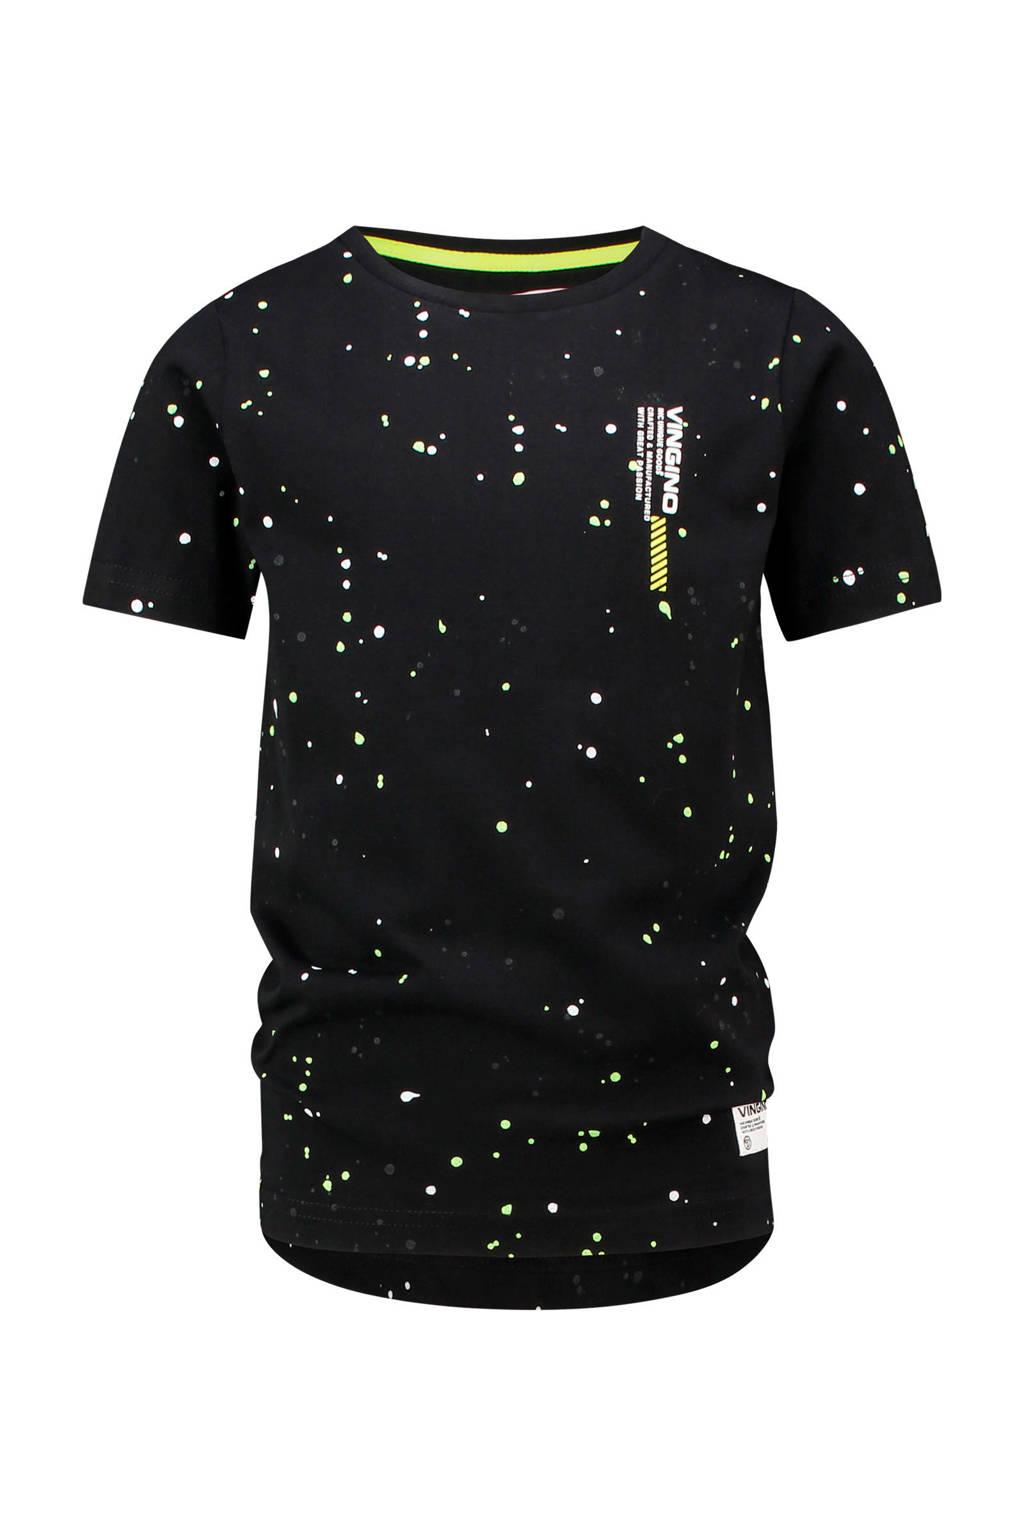 Vingino T-shirt Haint met logo zwart, Zwart